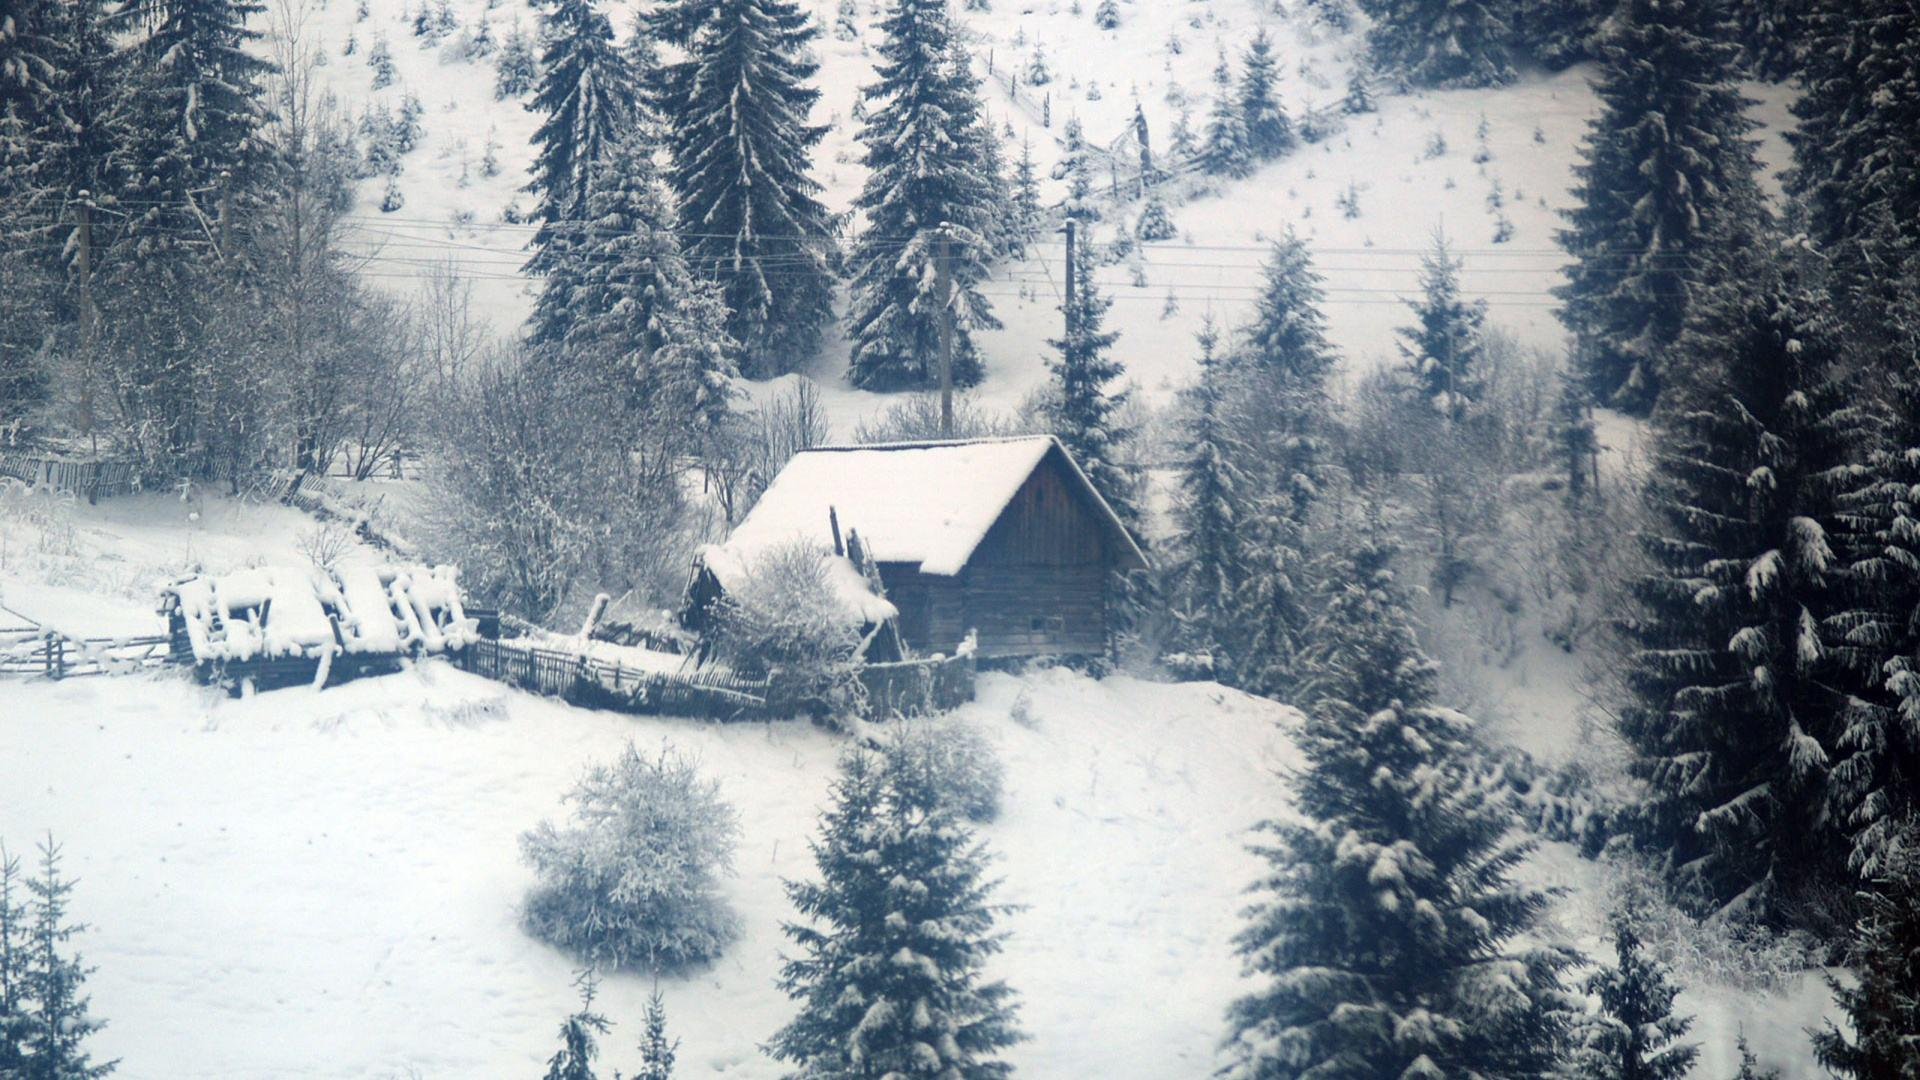 free winter wallpaper HD 1920x1080